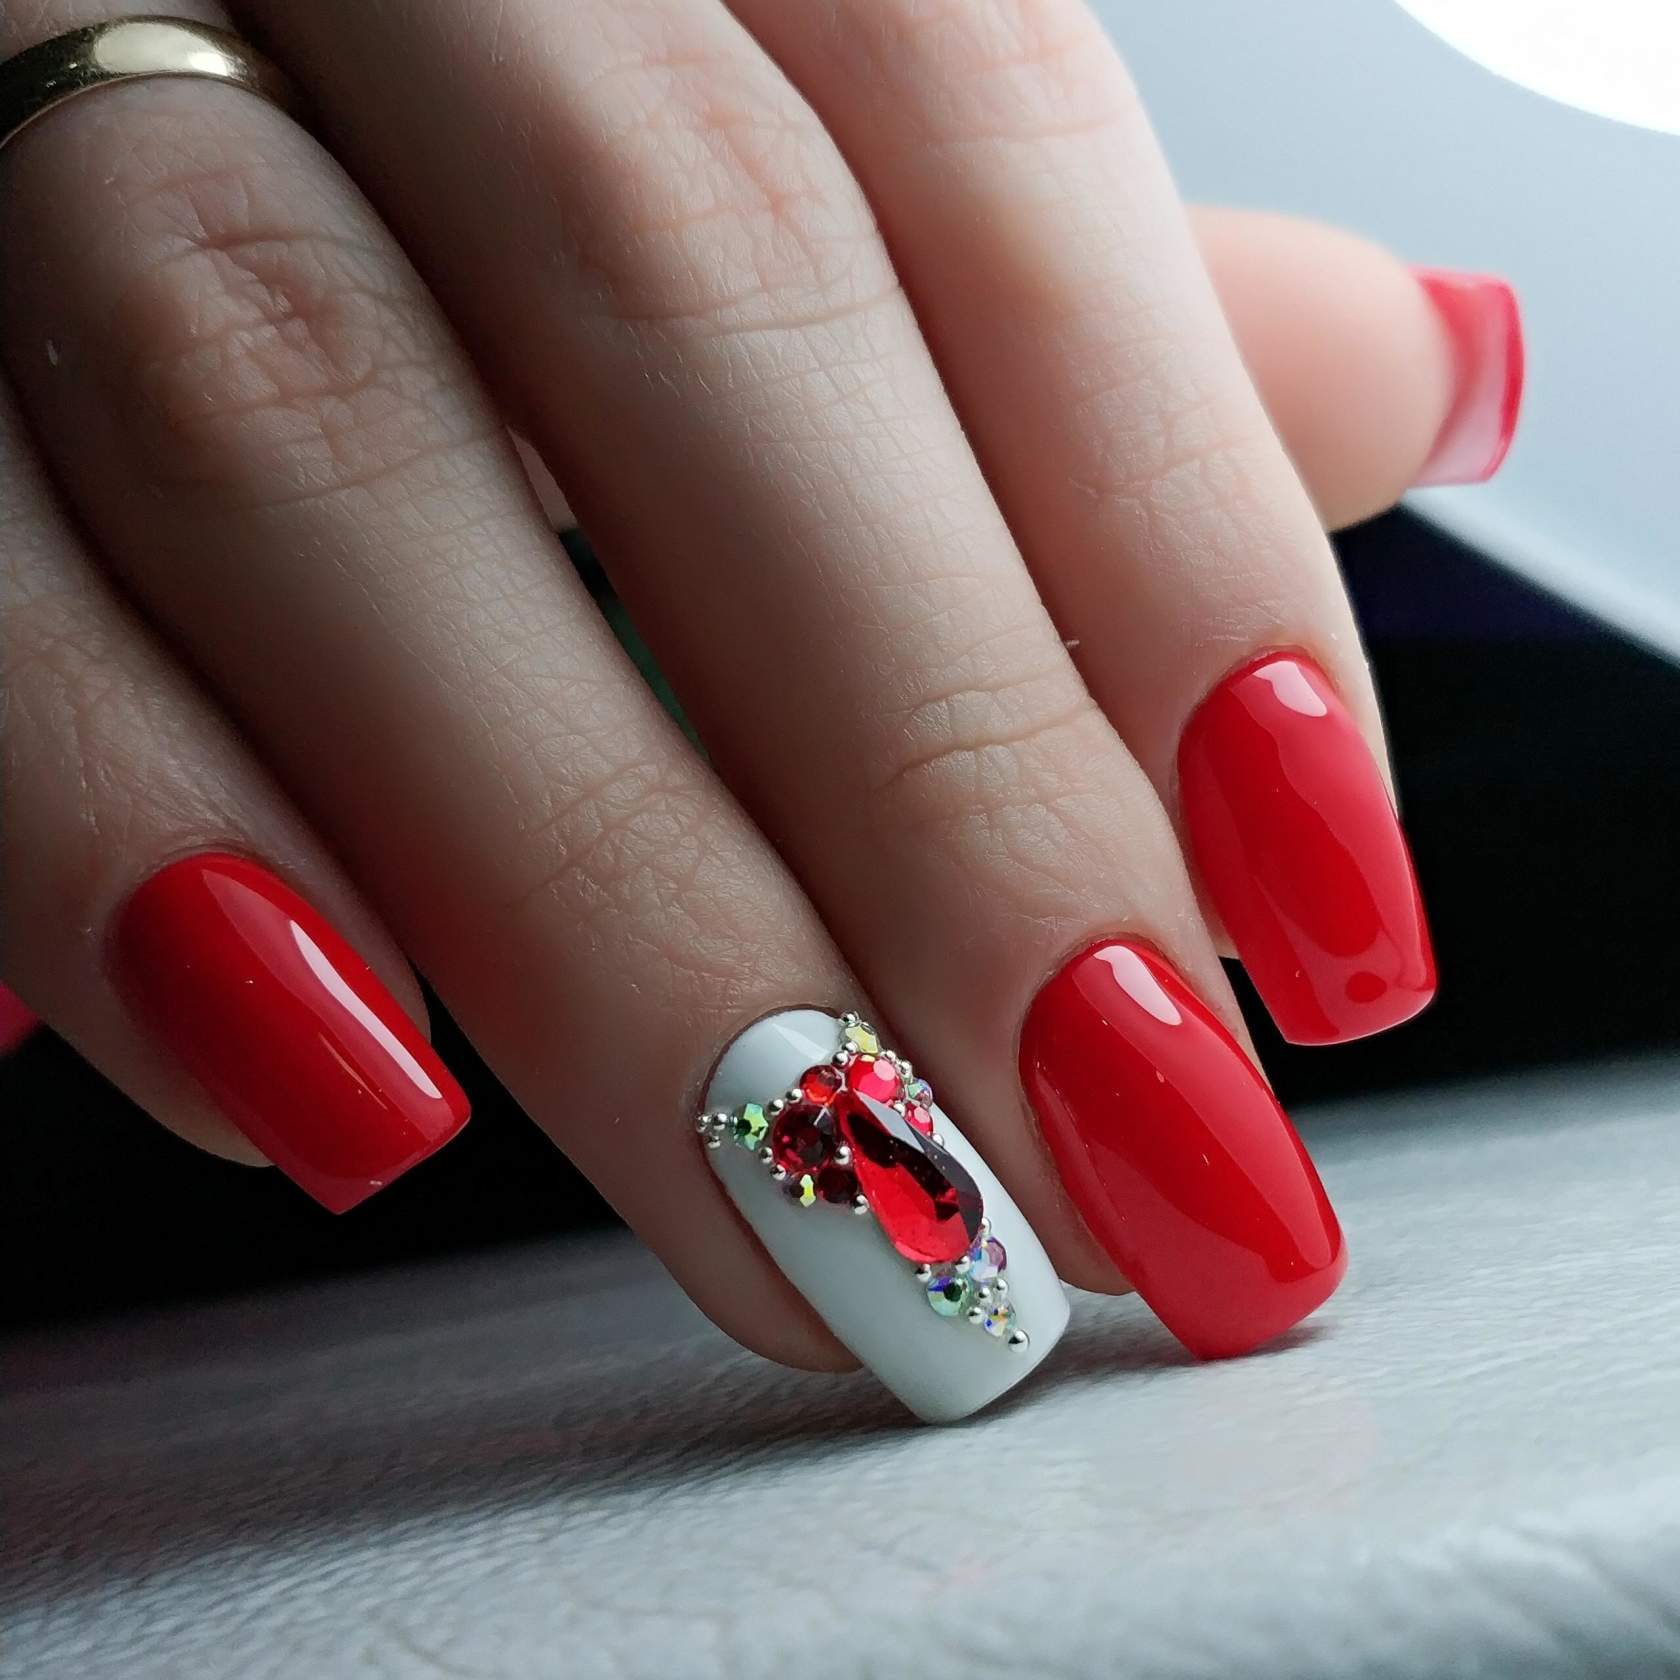 Красный маникюр со стразами: потрясающие идеи дизайна для длинных и коротких ногтей